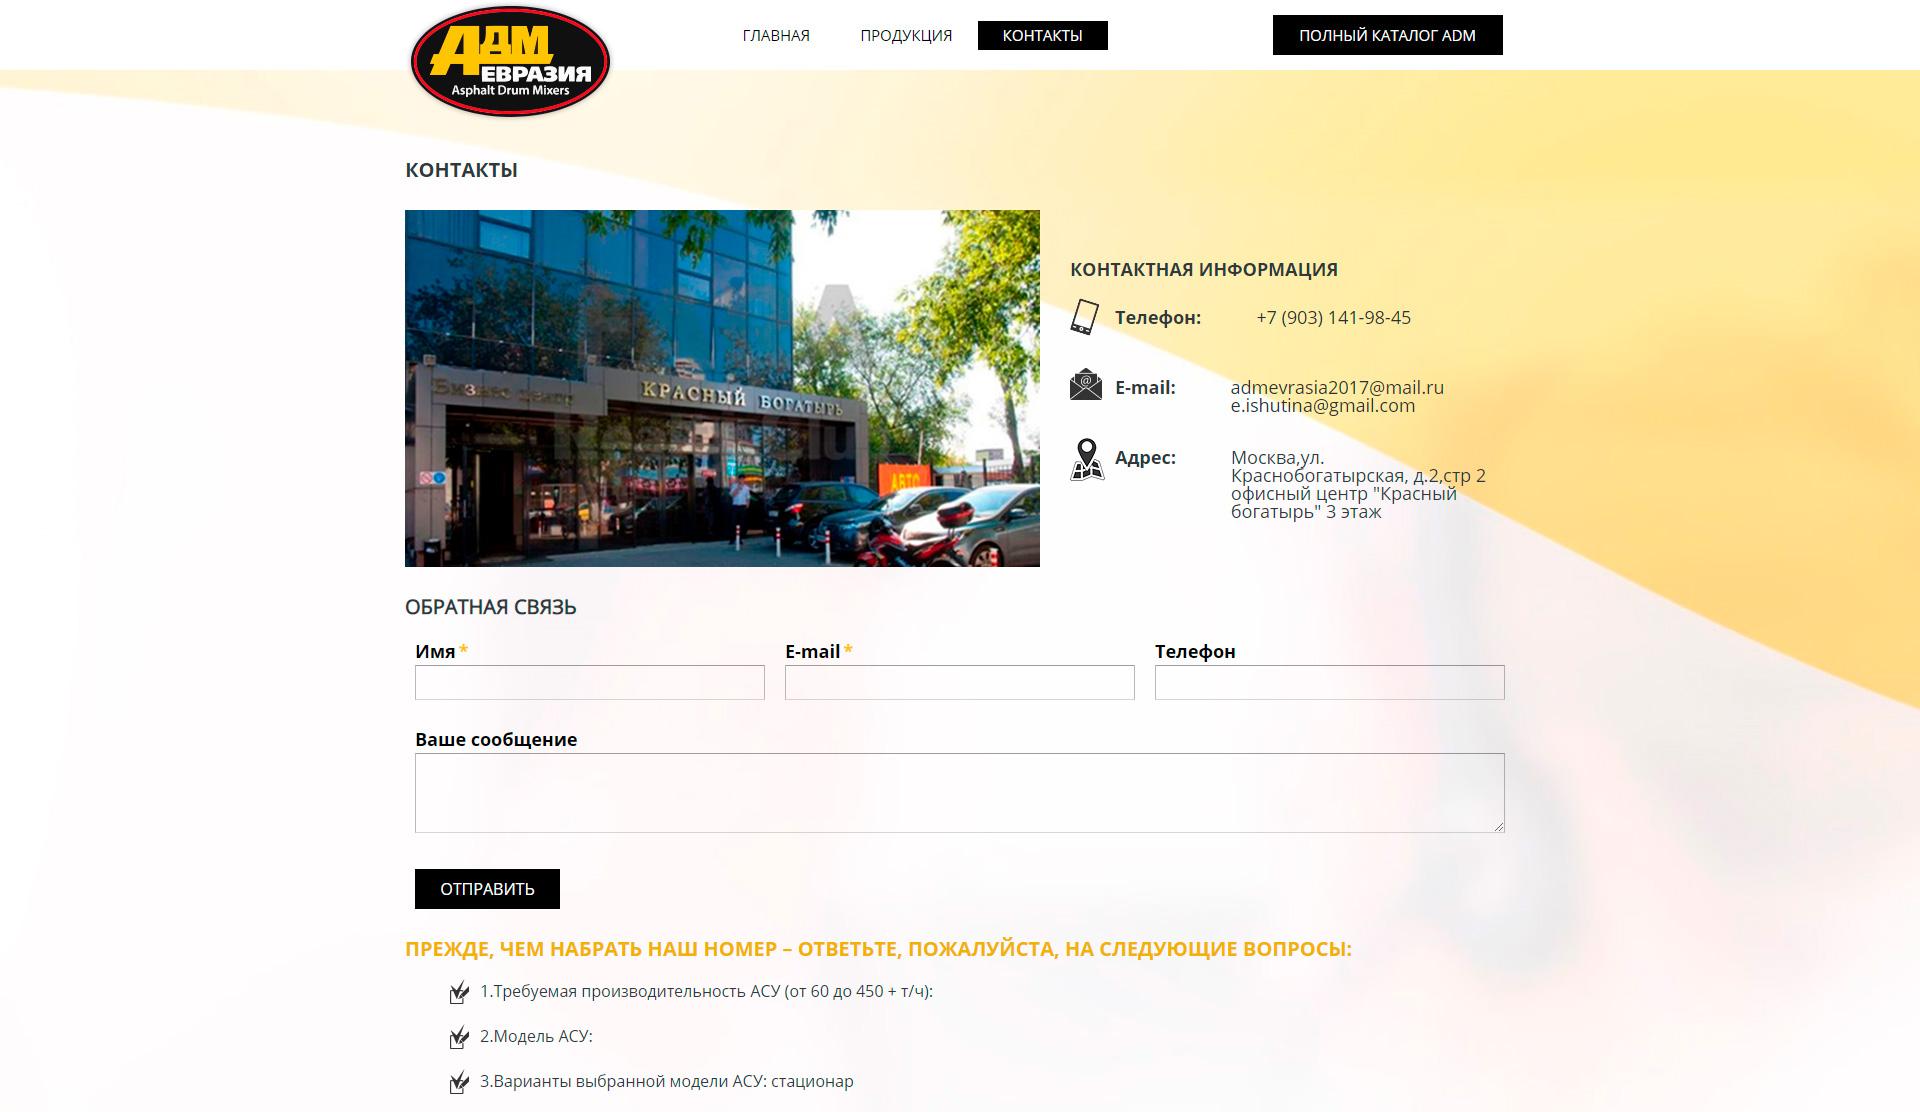 Сайт компании евразия создание сайта онлайн уроки